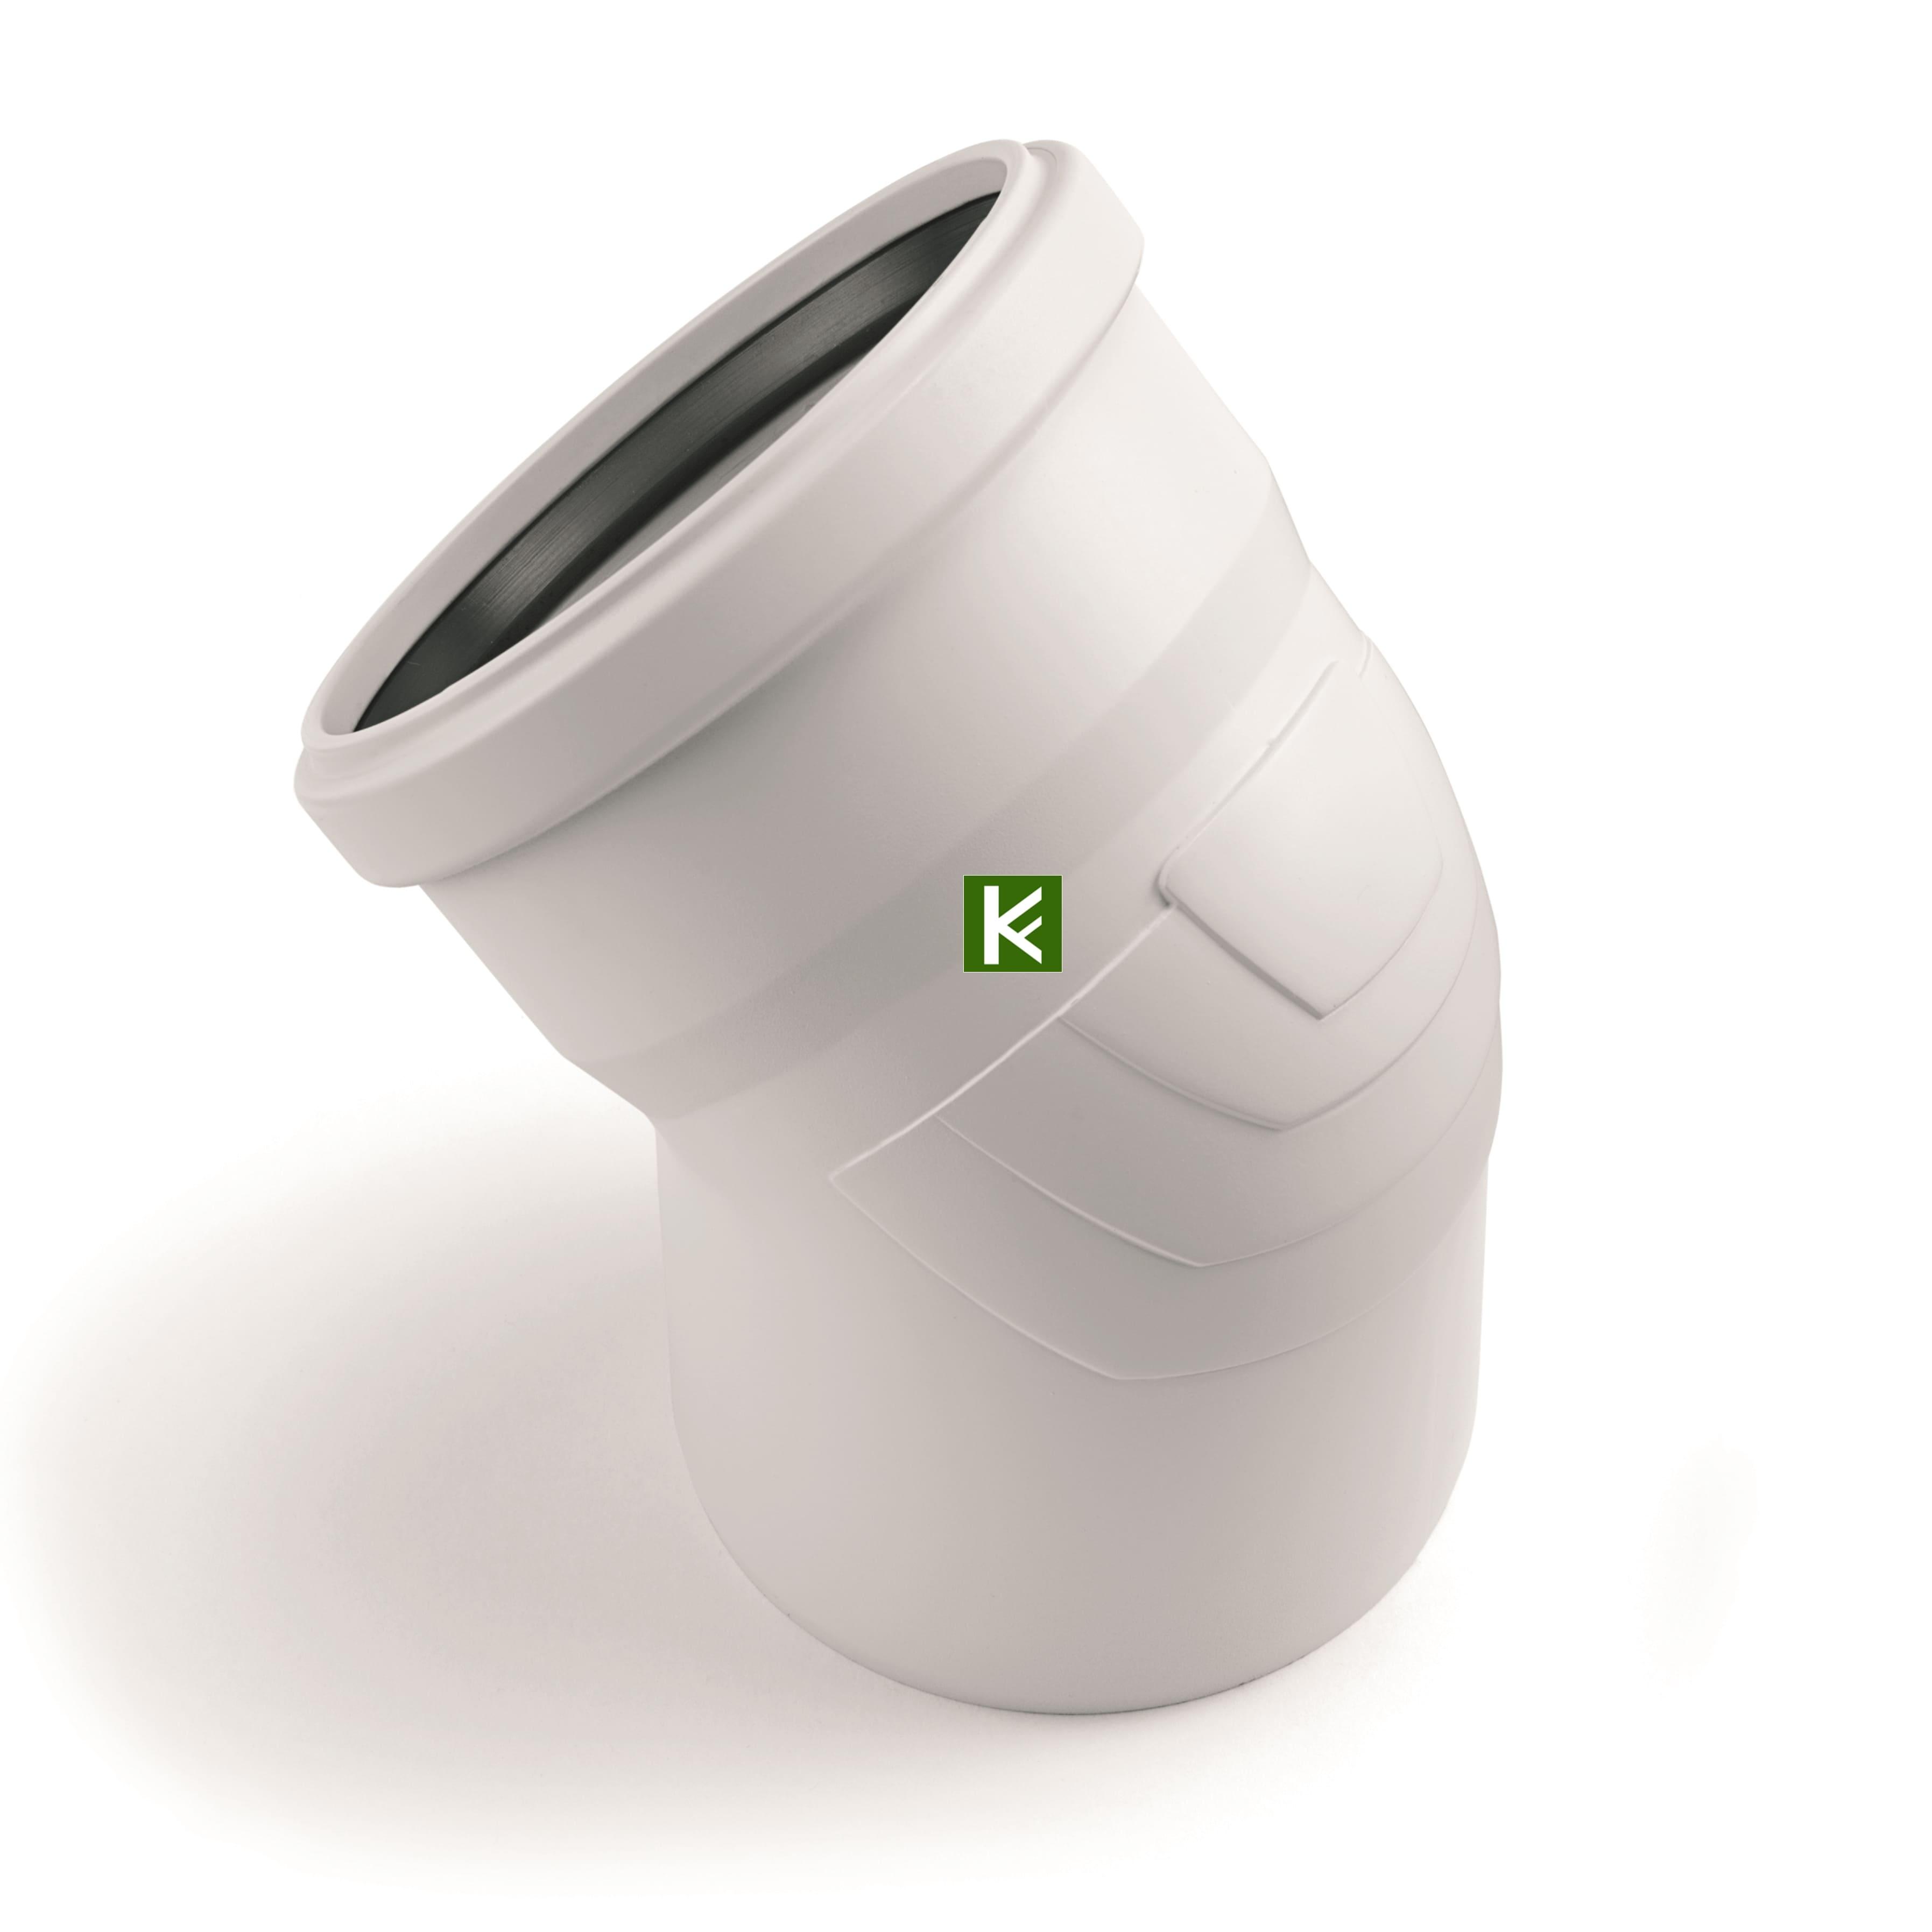 Rehau Raupiano канализационный отвод Рехау Раупиано отводы (углы) для канализационной трубы